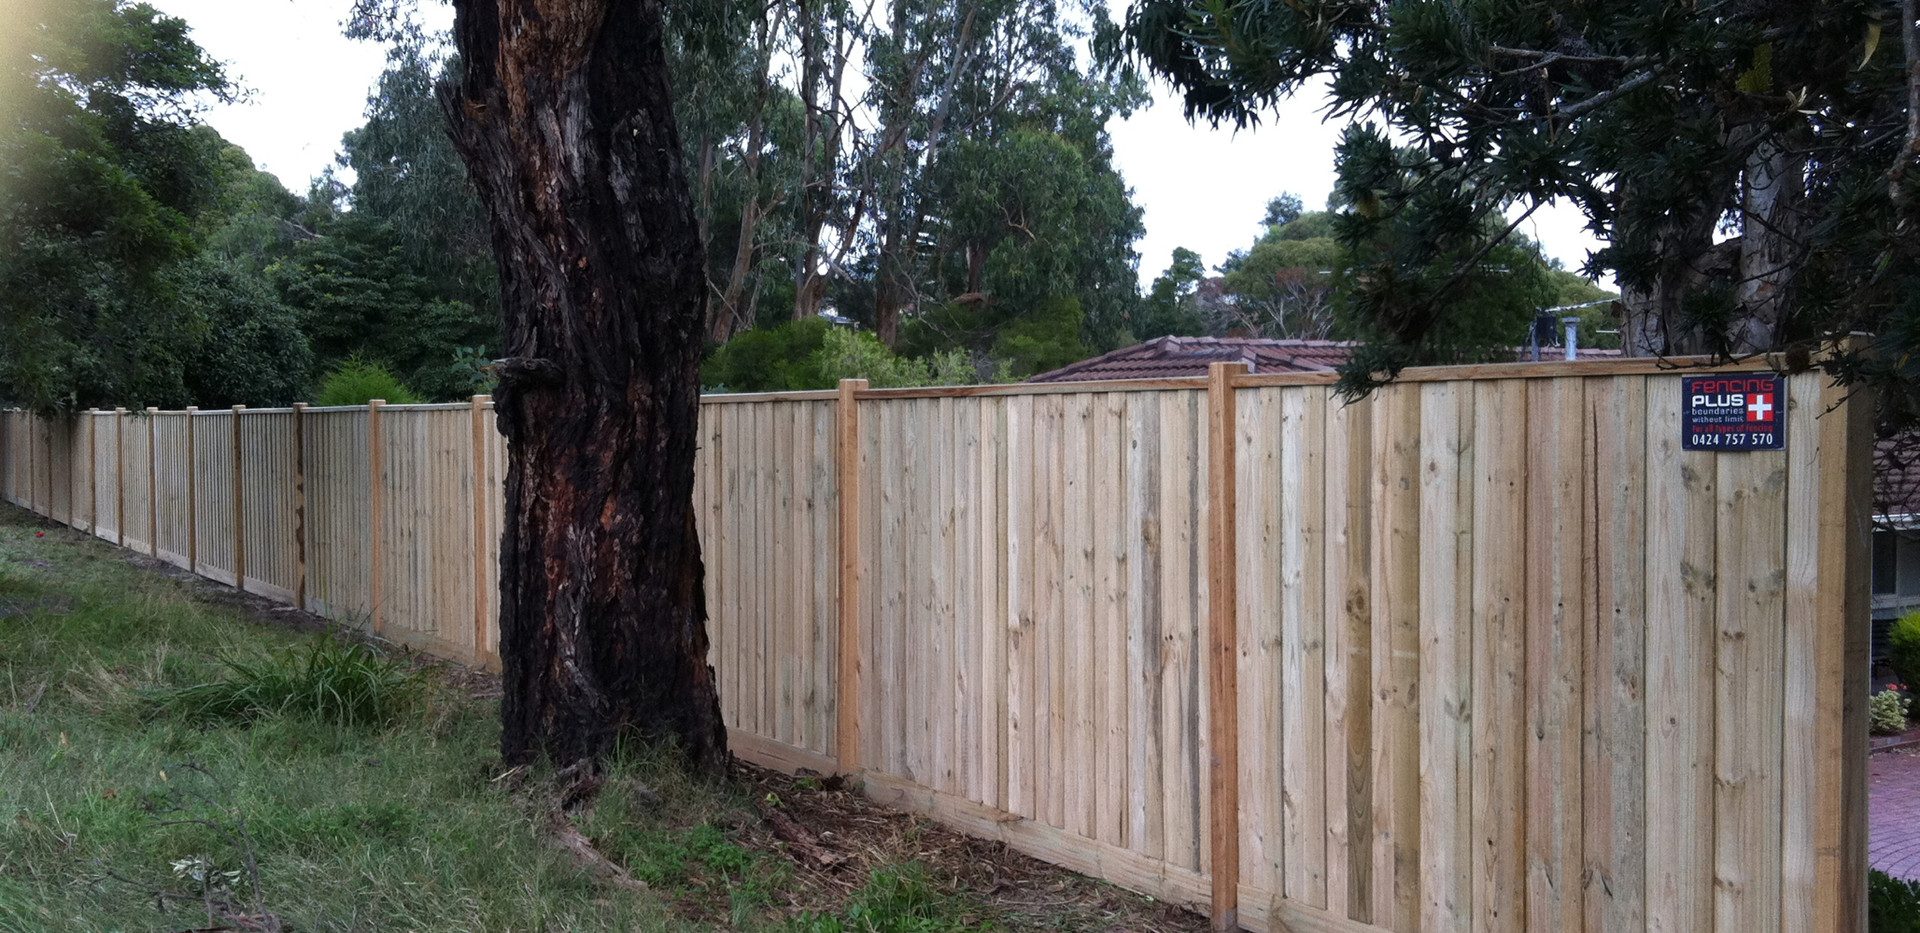 paling fence Mornington Peninsula Fences